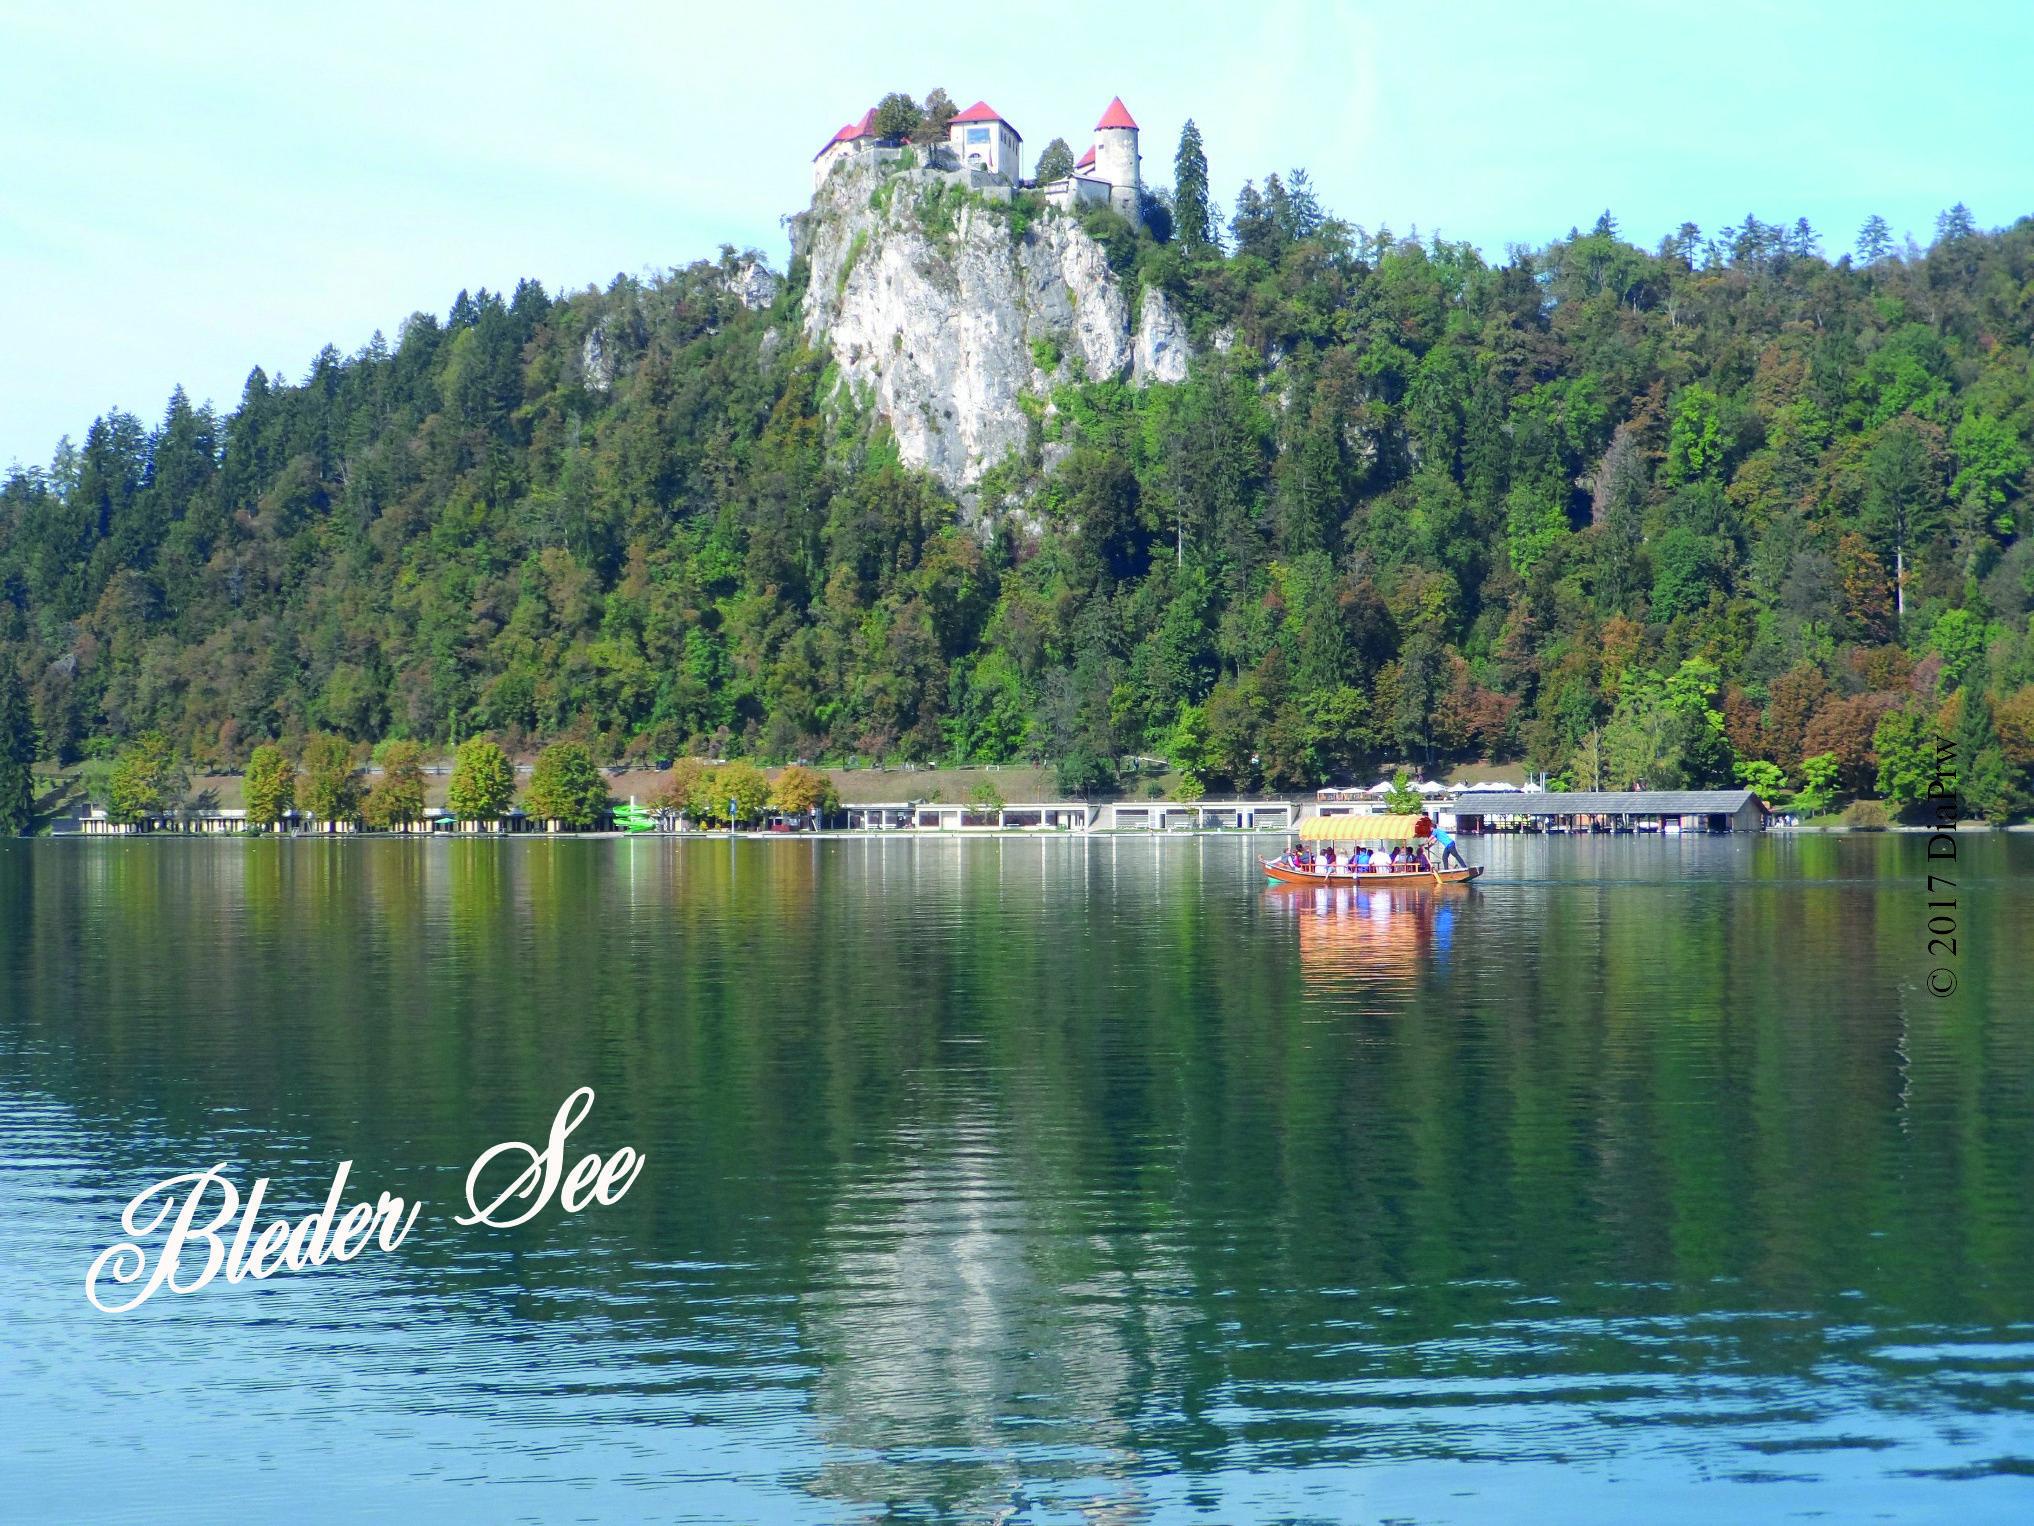 """Am Bleder See in Slowenien. Im Hintergrund die Burg auf einem Felsen. Jetzt ist Herbst, aber es ist zu allen Jahreszeiten schön. Foto aus dem großen Reisebericht von Presseweller """"Vom Bleder See zu den Karawanken"""". Über die Seite Tourismus bei presseweller ohne Anmeldung aufrufbar."""